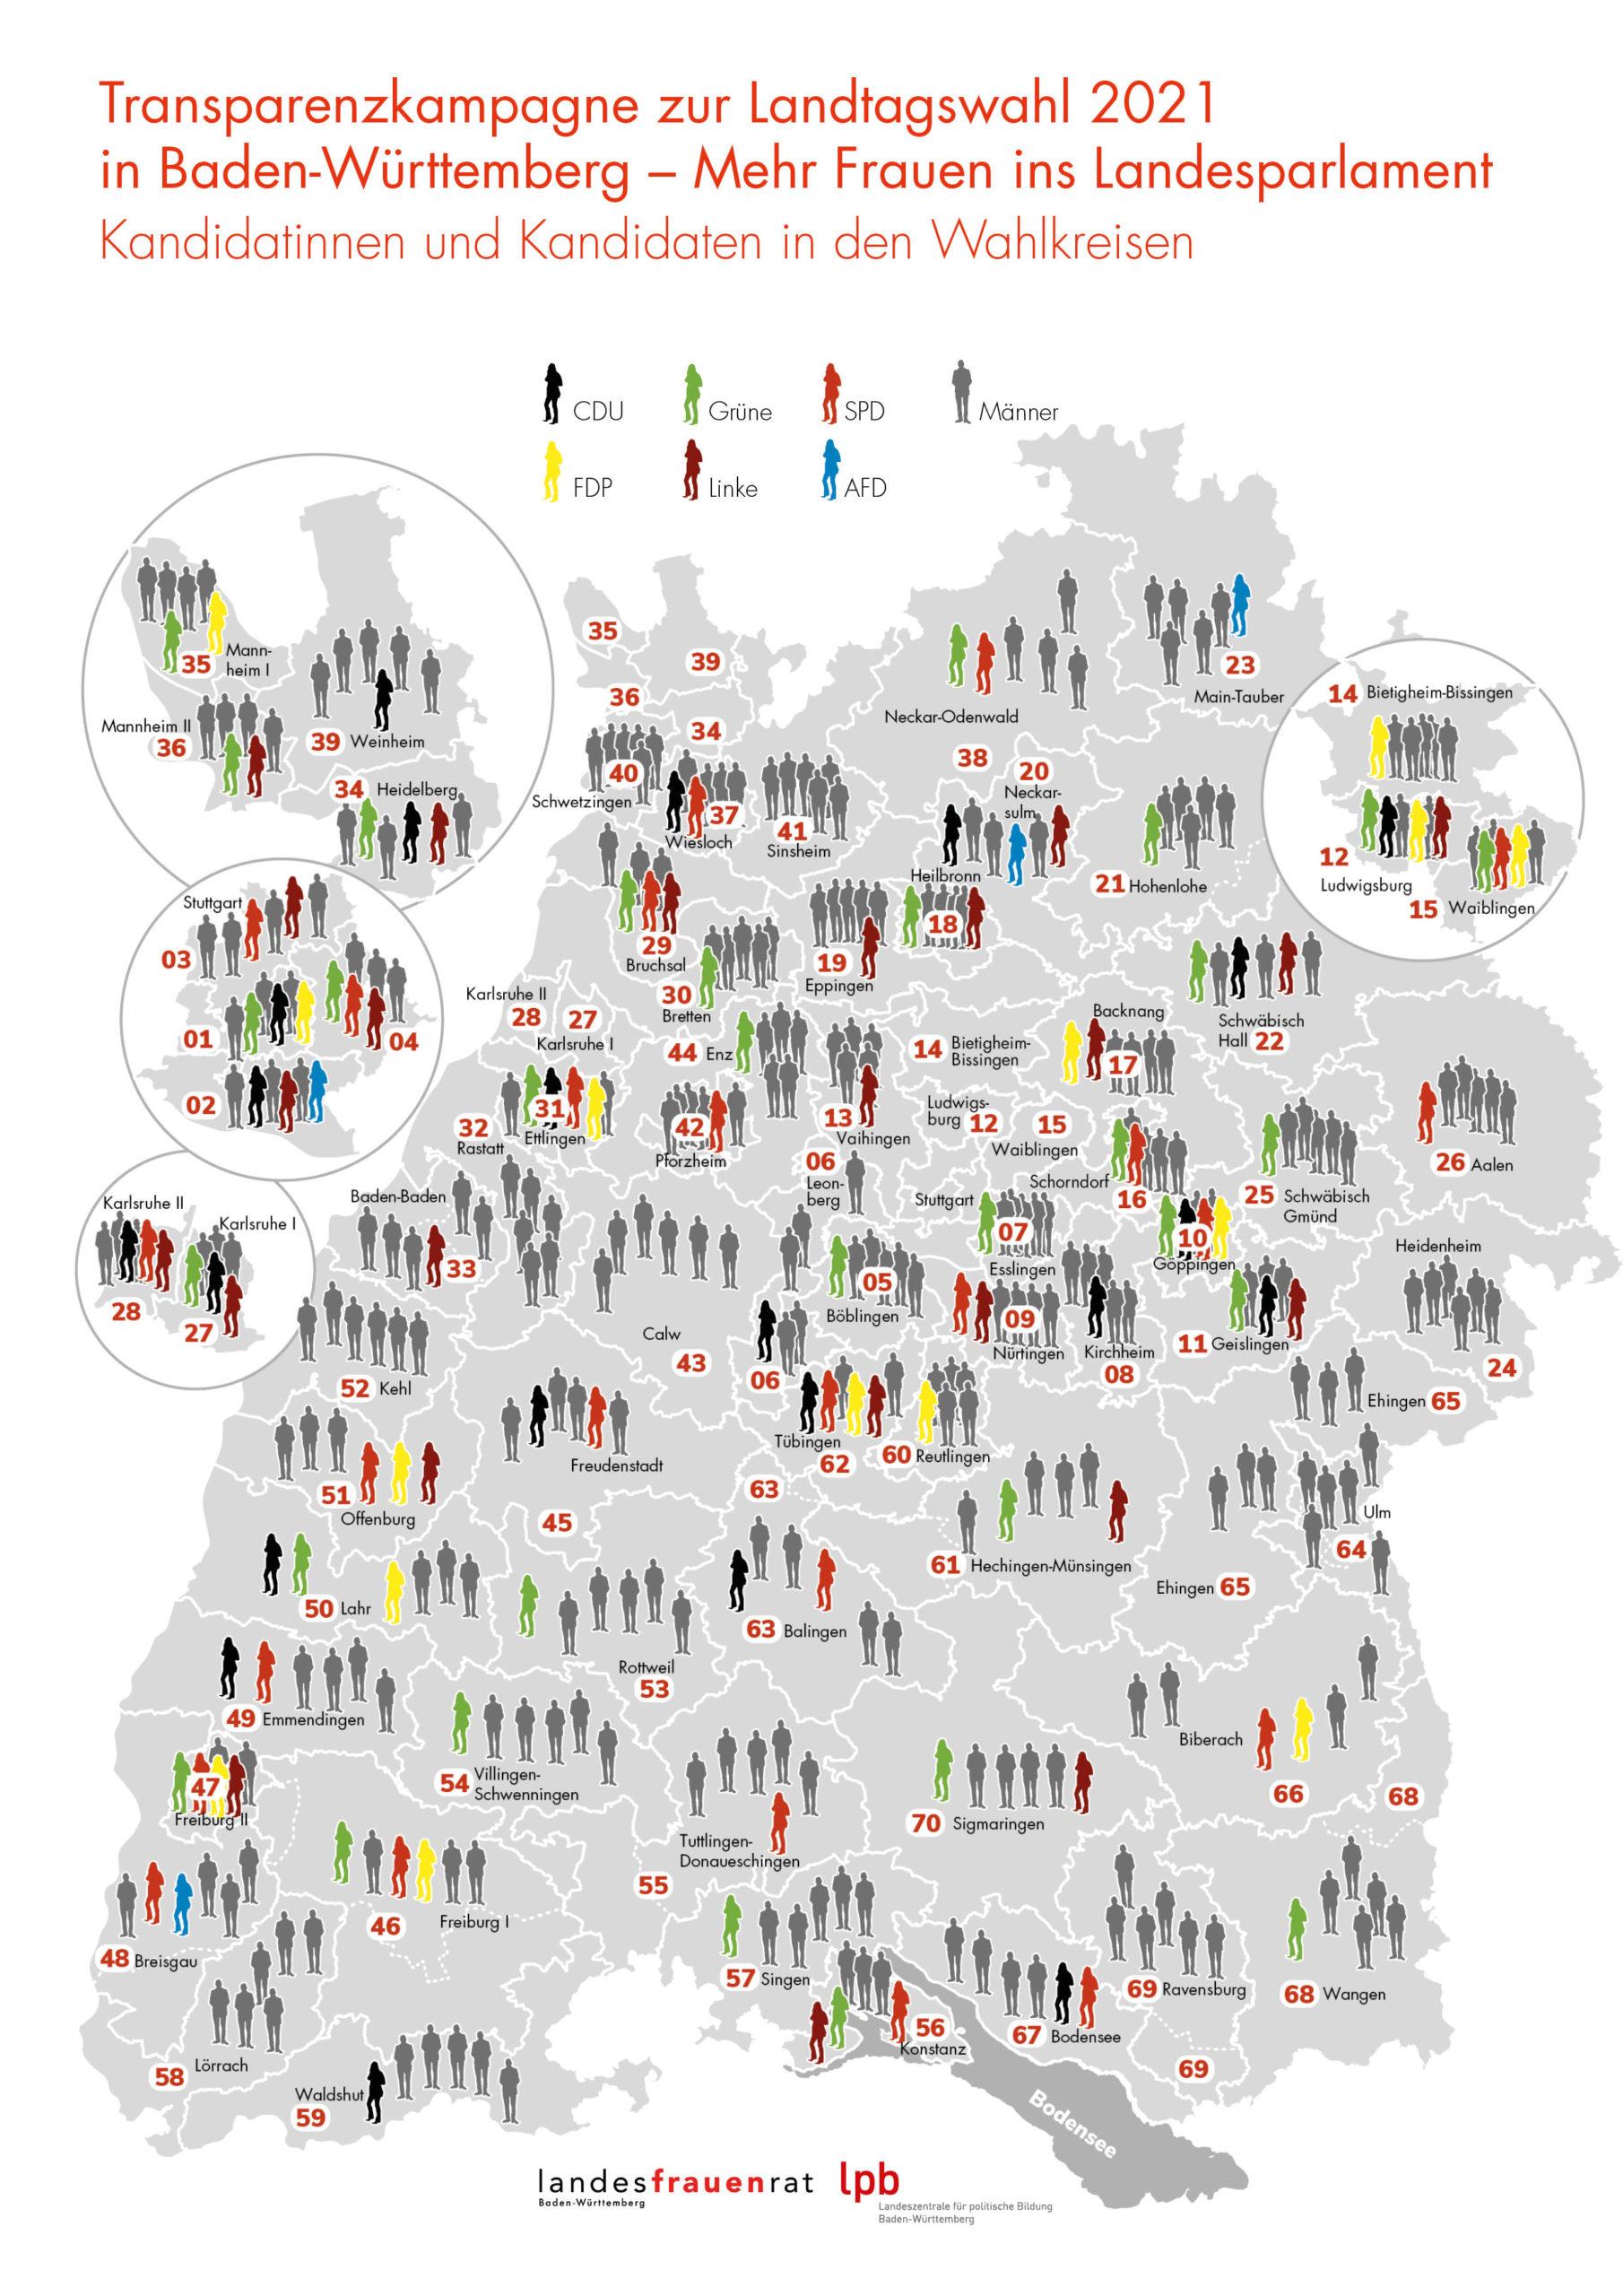 Transparenzkampagne zur Landtagswahl - Mehr Frauen ins Landesparlament Kandidatinnen und Kandidaten in den Wahlkreisen